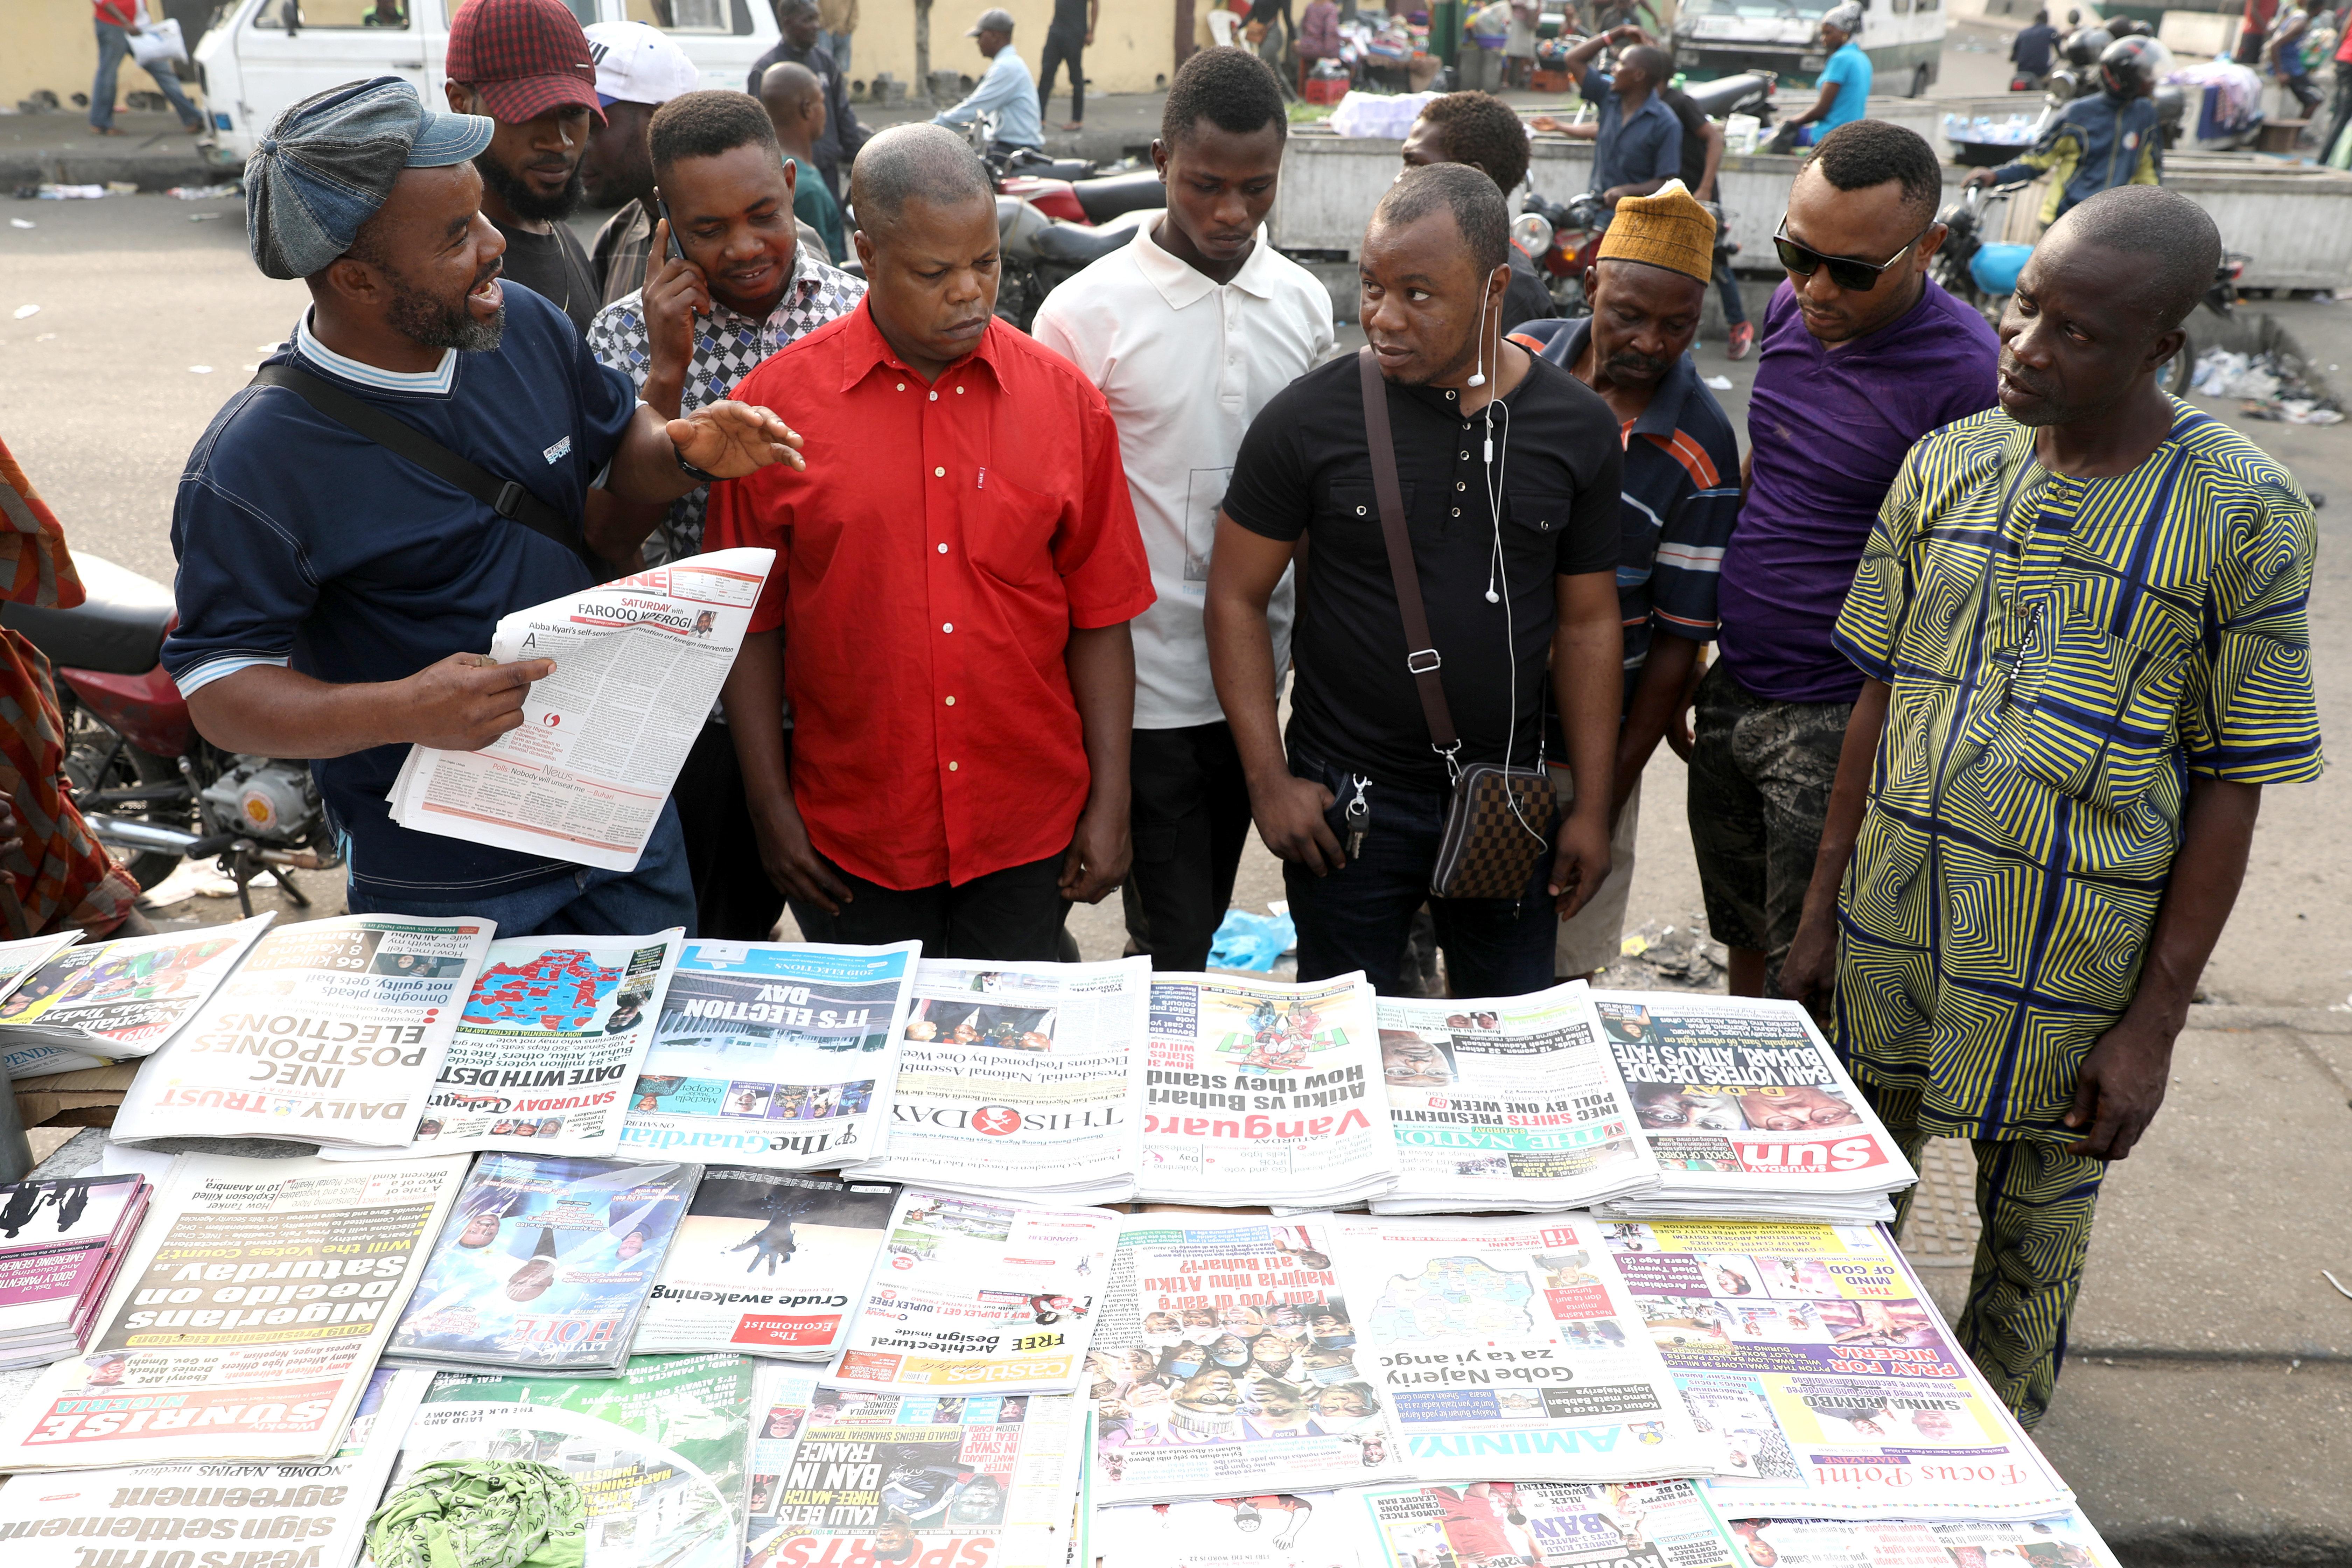 Αναβλήθηκαν οι προεδρικές εκλογές στη Νιγηρία πέντε ώρες πριν ανοίξουν οι κάλπες